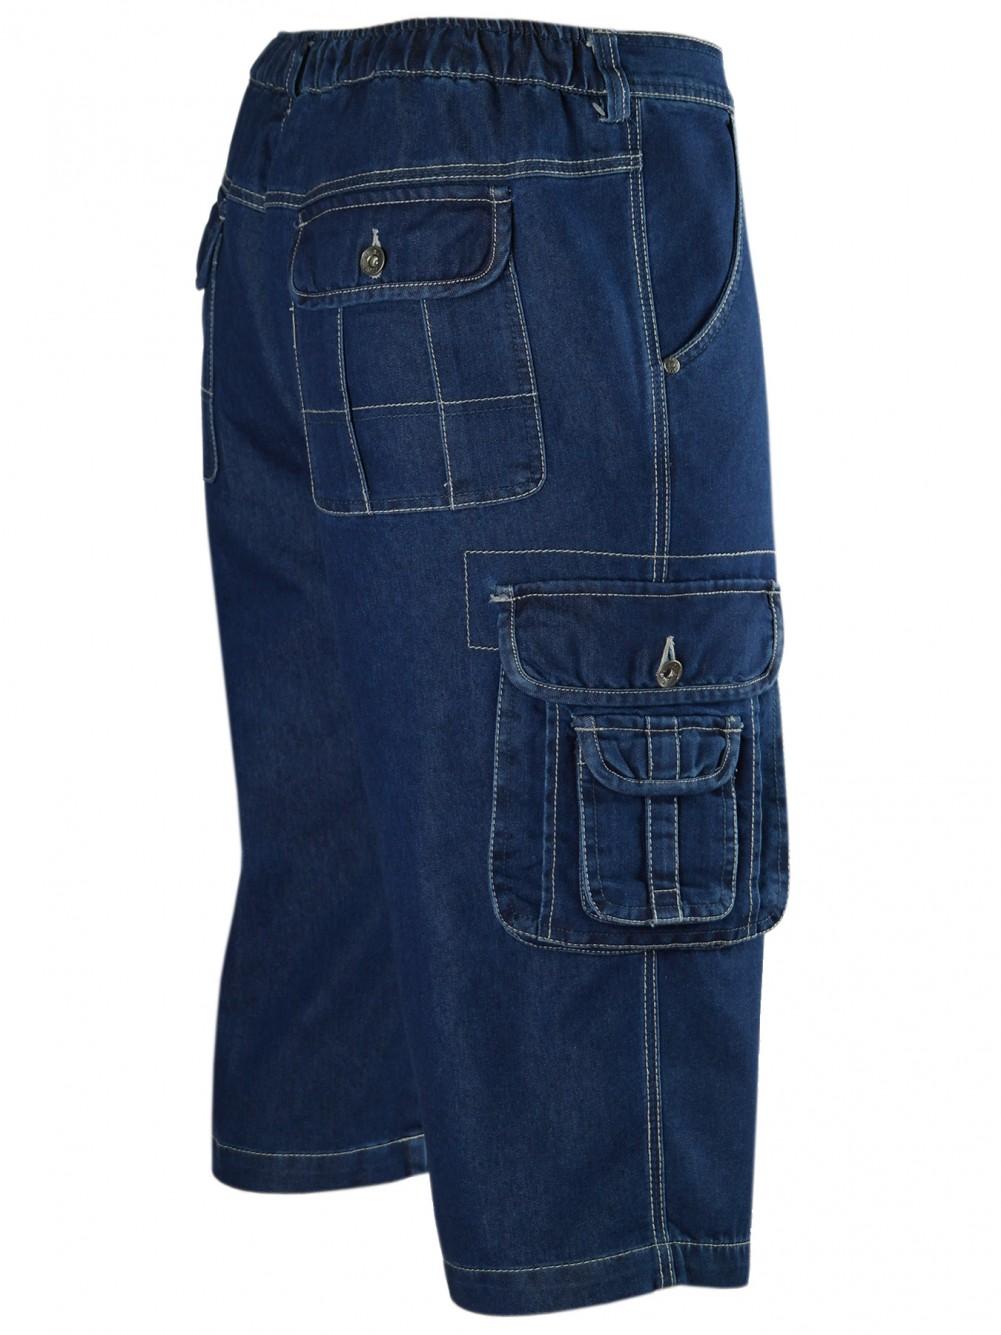 Herren Shorts Jeans Bermuda mit Cargotaschen - Seitenansicht